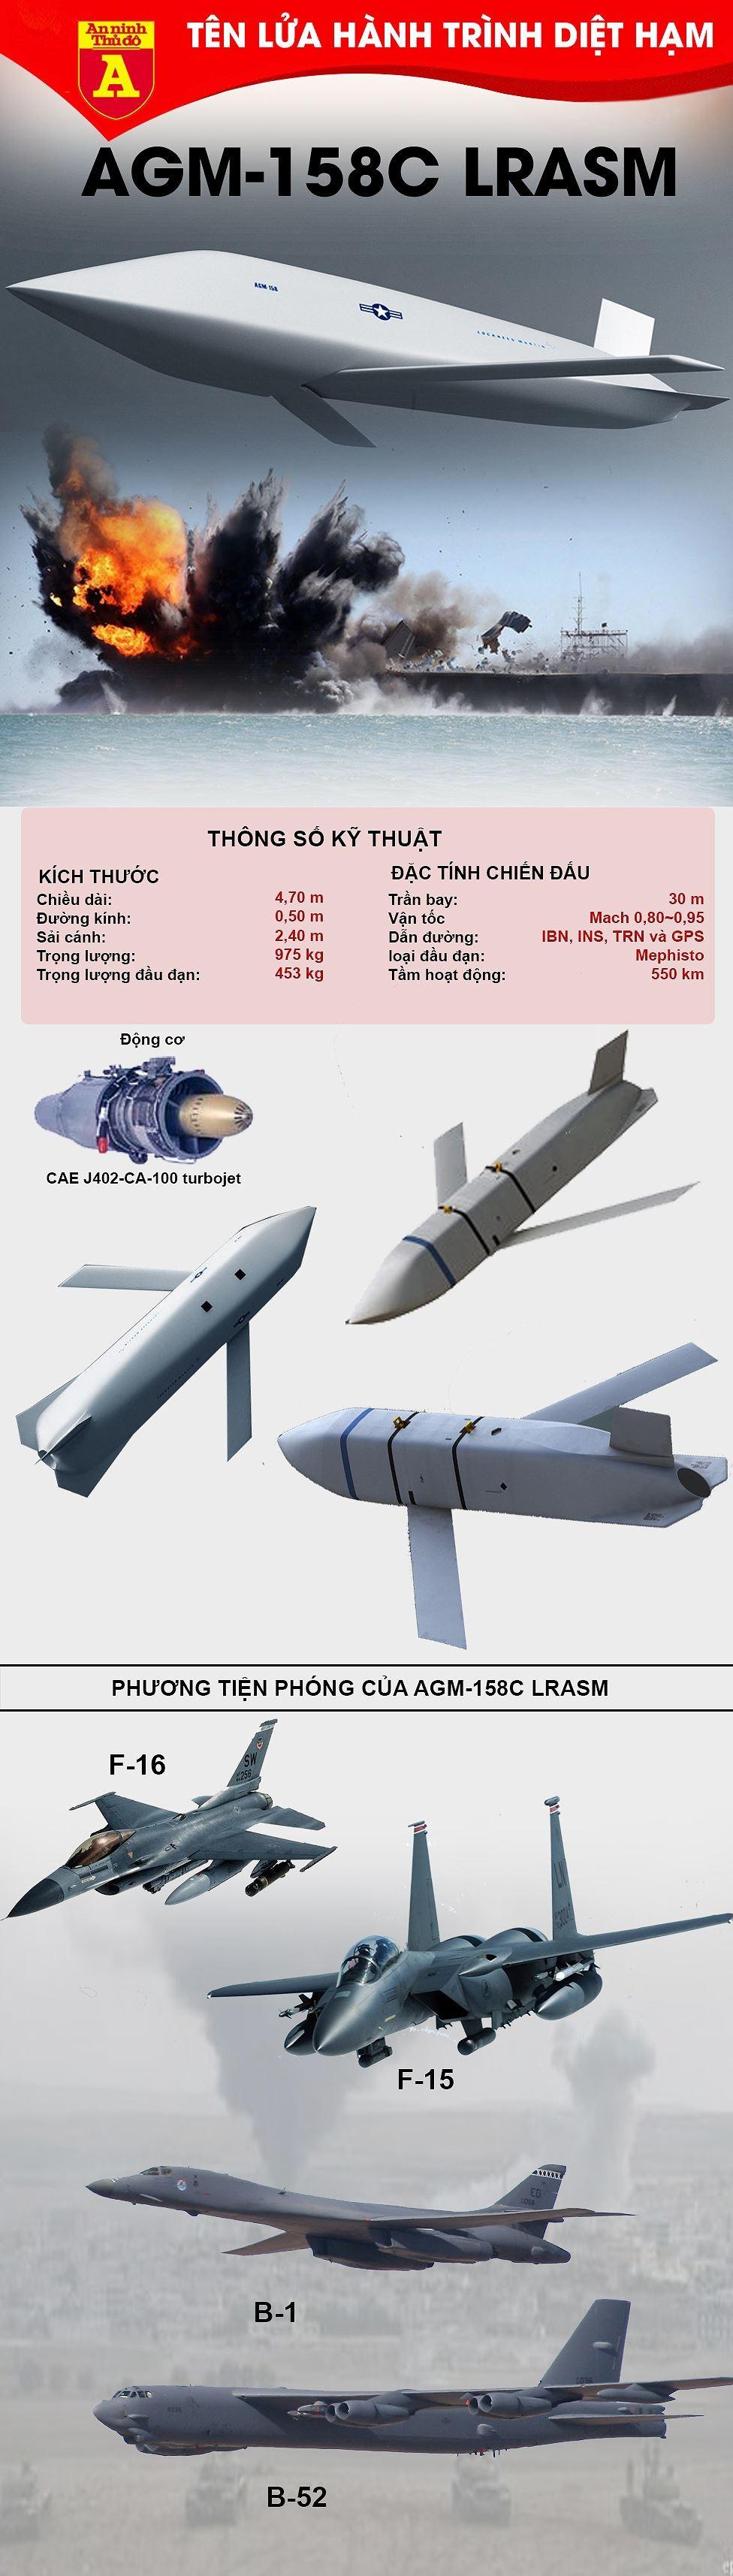 [ĐỒ HỌA] Mỹ sẽ lần đầu tiên phóng siêu tên lửa LRASM trong cuộc diễn tập có mời Việt Nam tham dự ảnh 3